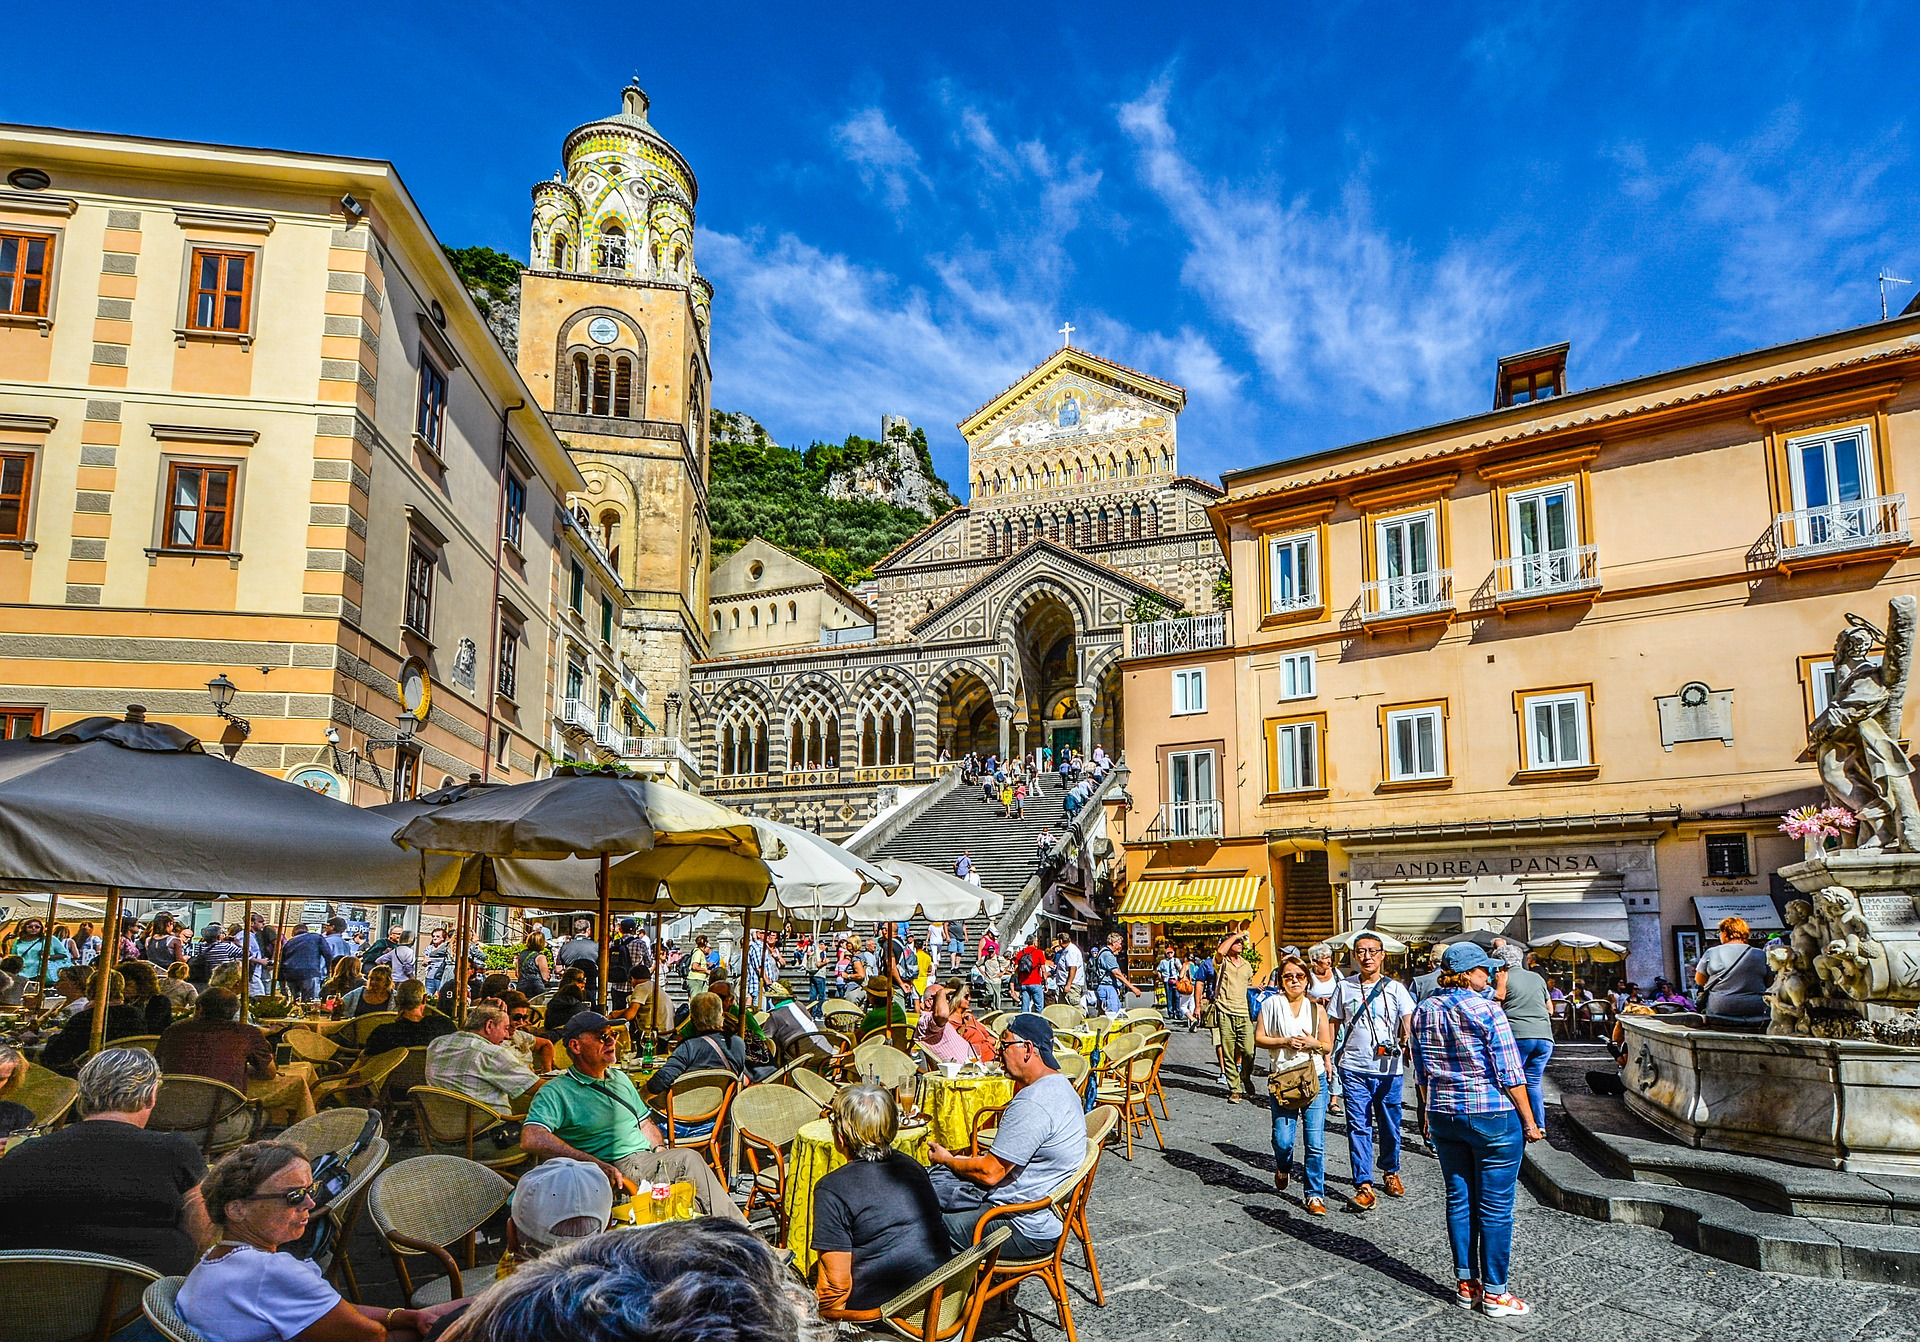 centro di amalfi cattedrale